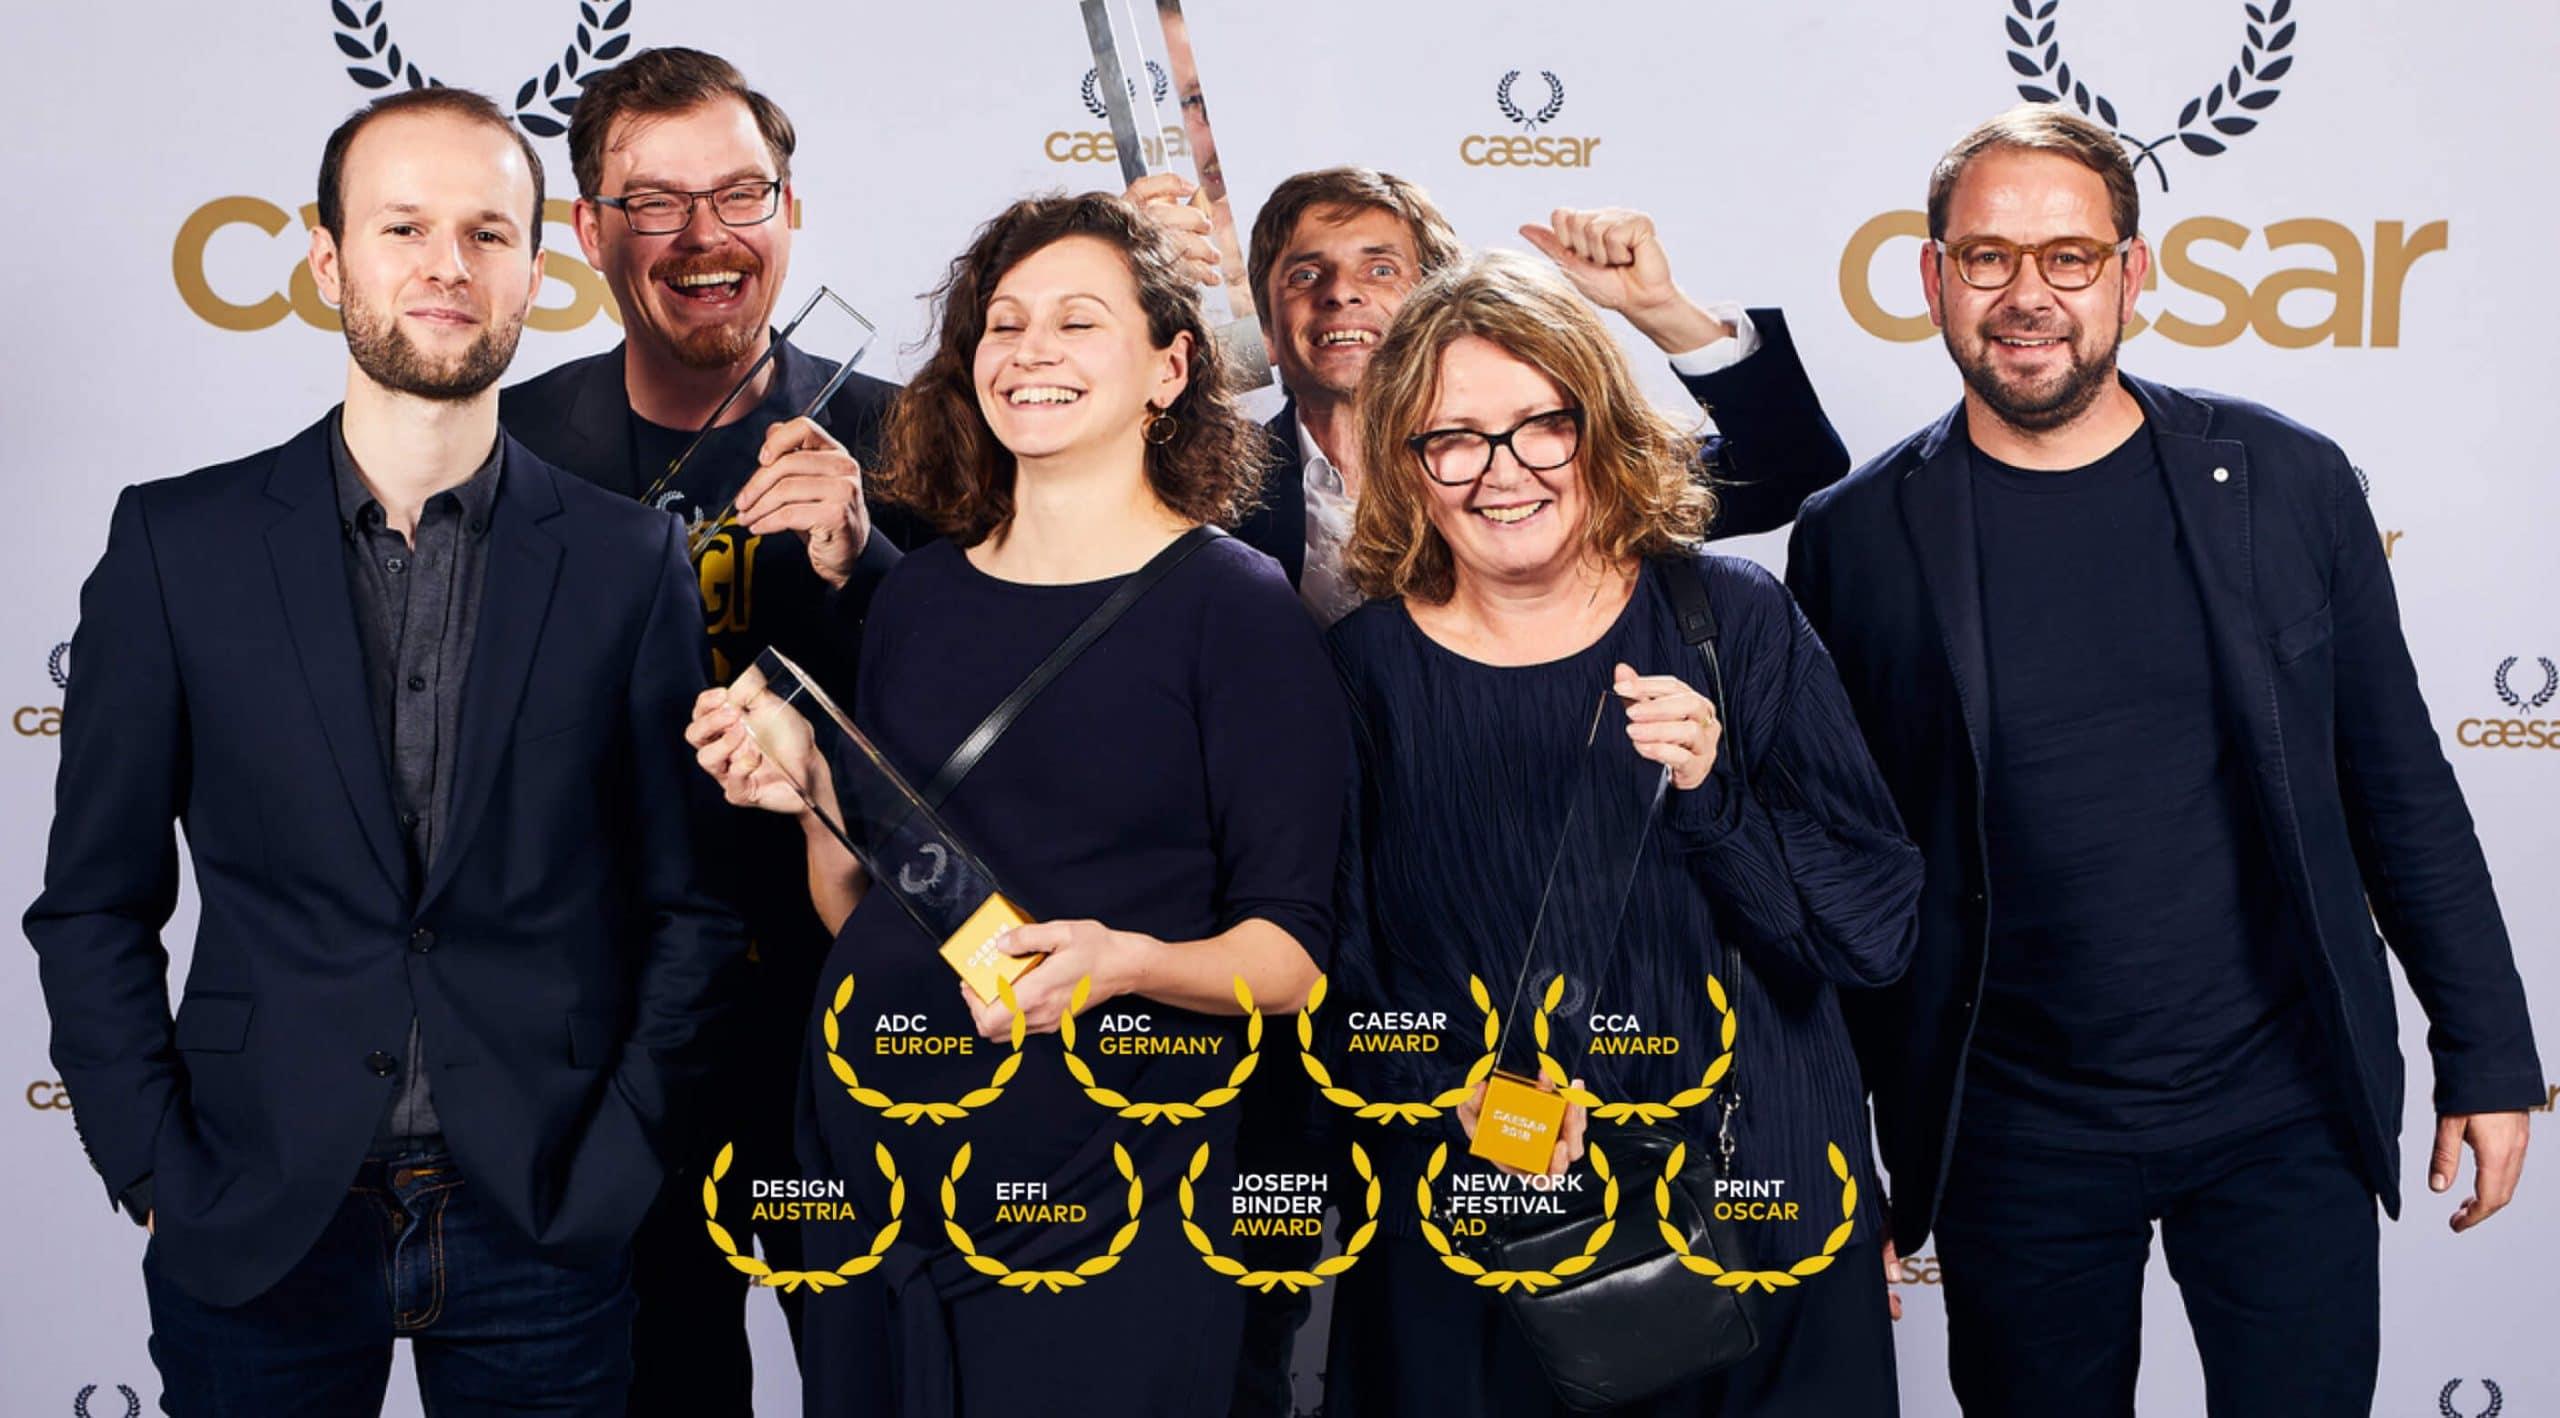 Caesar Werbepreis Team Winner